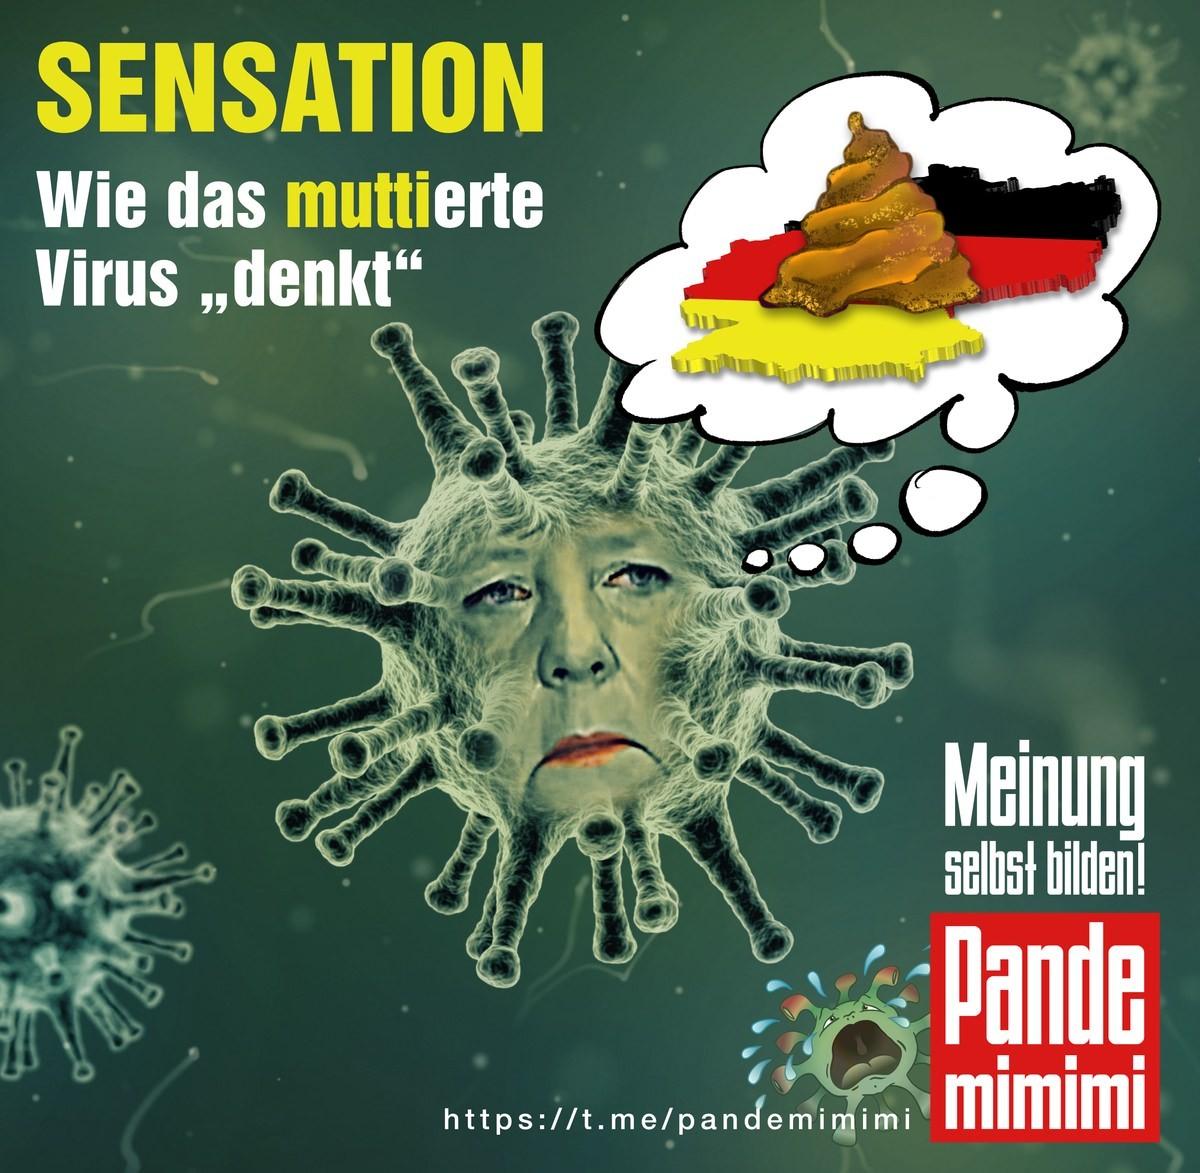 Muttivirus, 17.02.2021